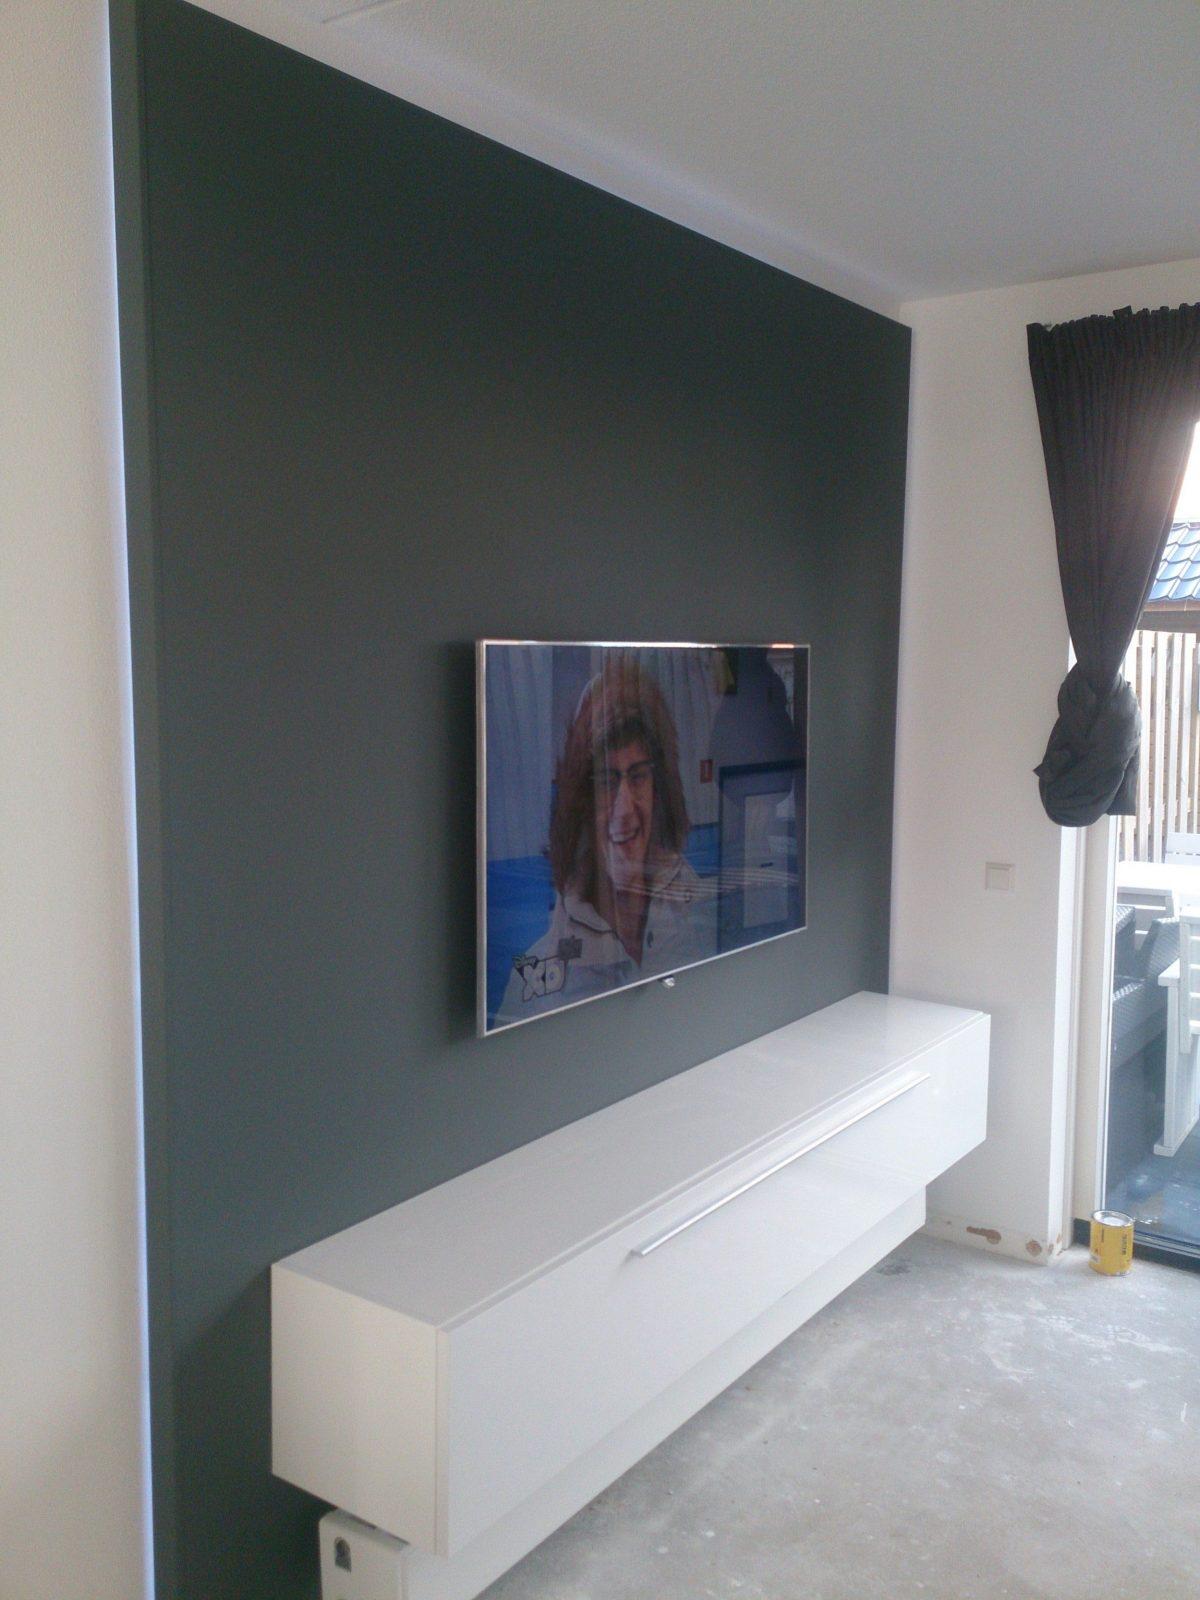 Tv Wandhalterung Selber Bauen Über Original Babyzimmer Kunstdesign von Tv Wand Selber Bauen Kosten Bild